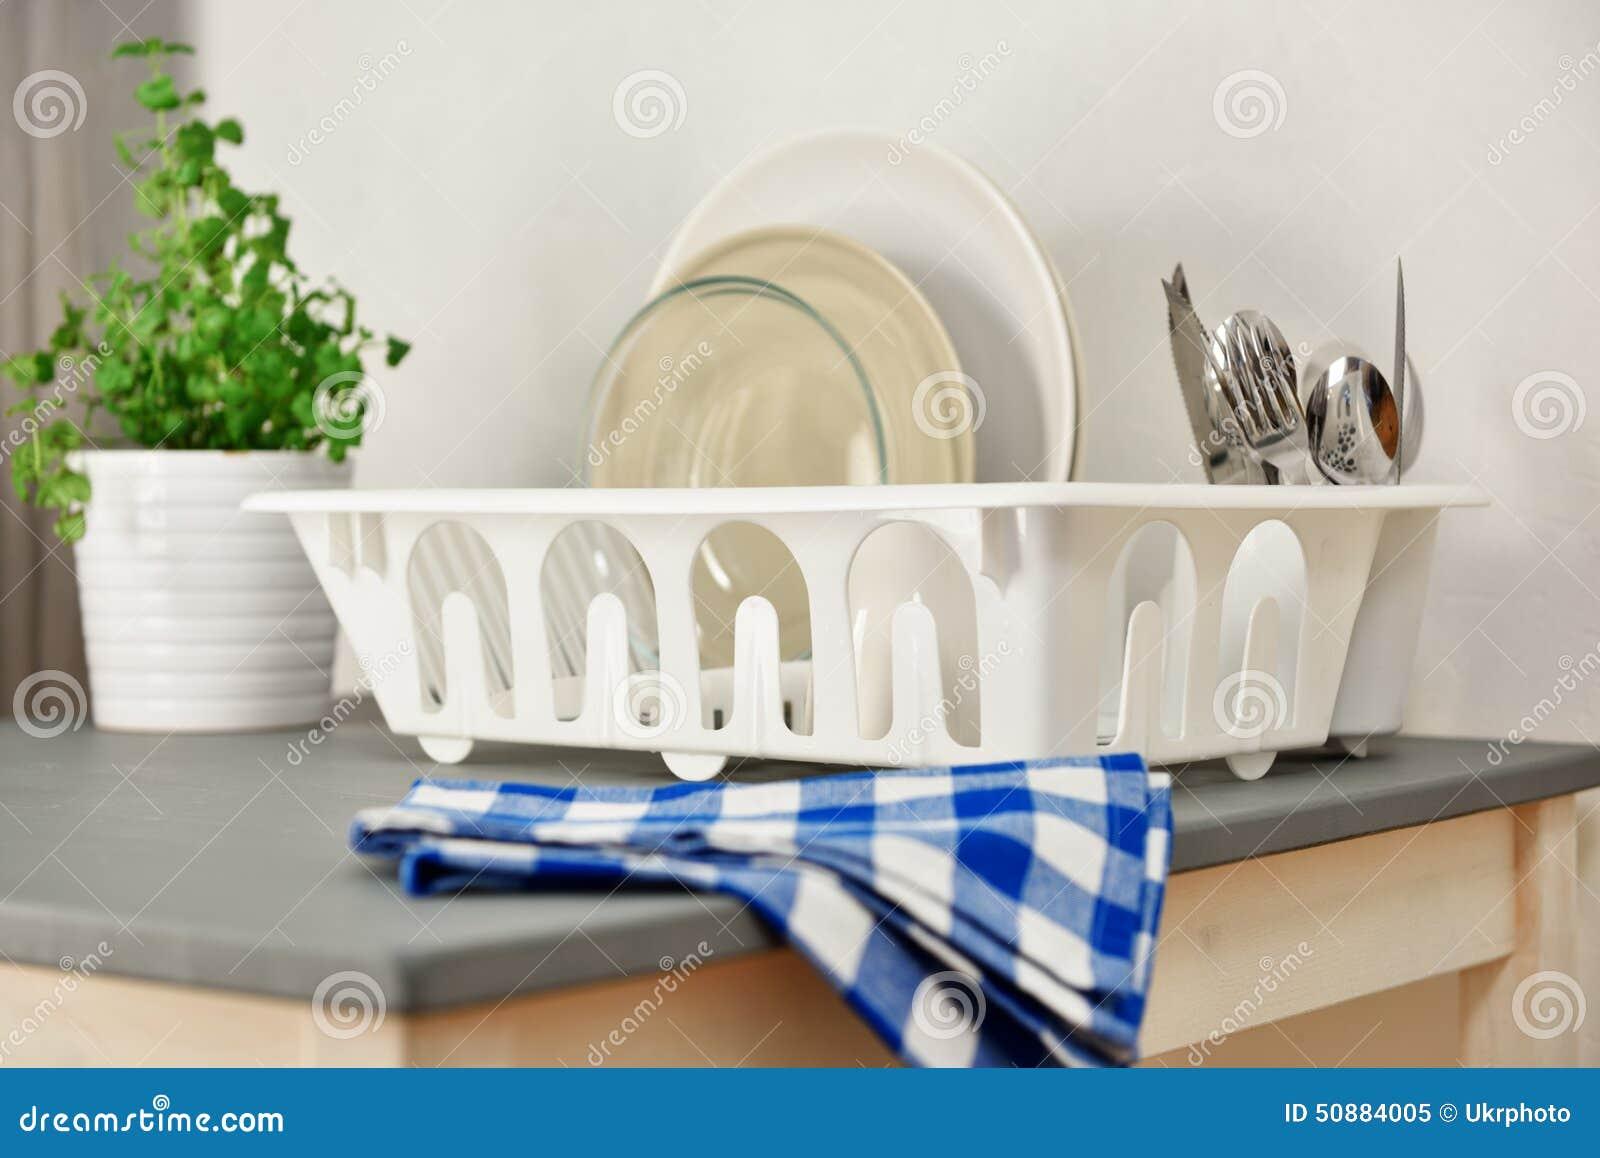 geschirrablage mit platten und tafelsilber stockfoto  ~ Geschirrablage